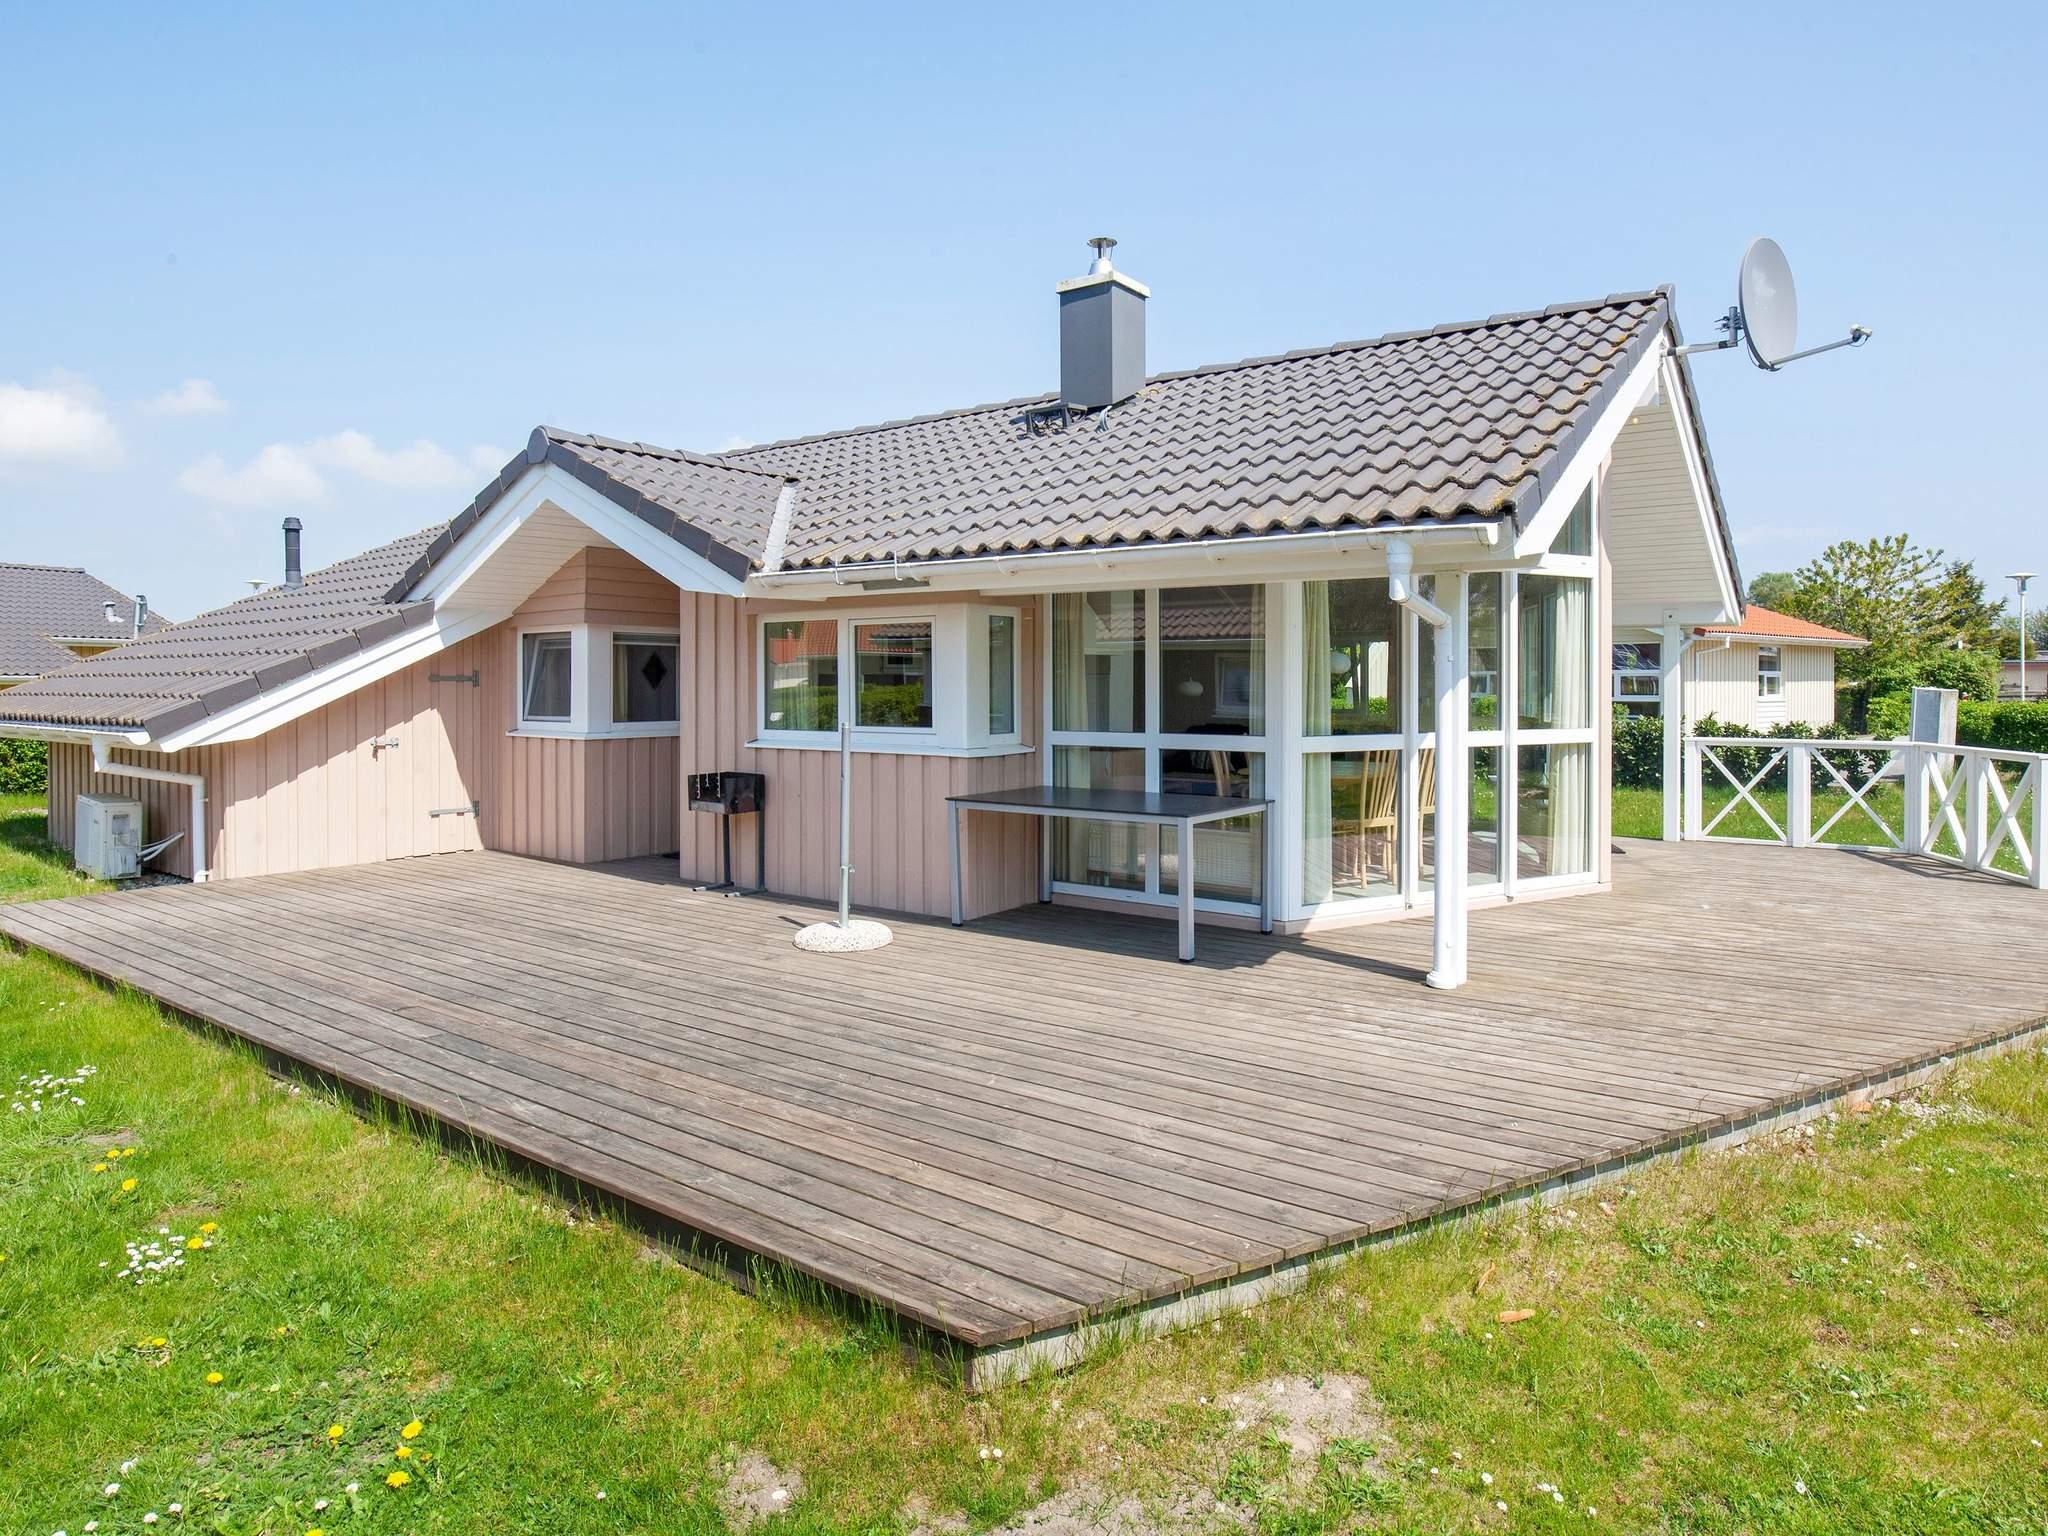 Maison de vacances Grömitz (316467), Grömitz, Baie de Lübeck, Schleswig-Holstein, Allemagne, image 1